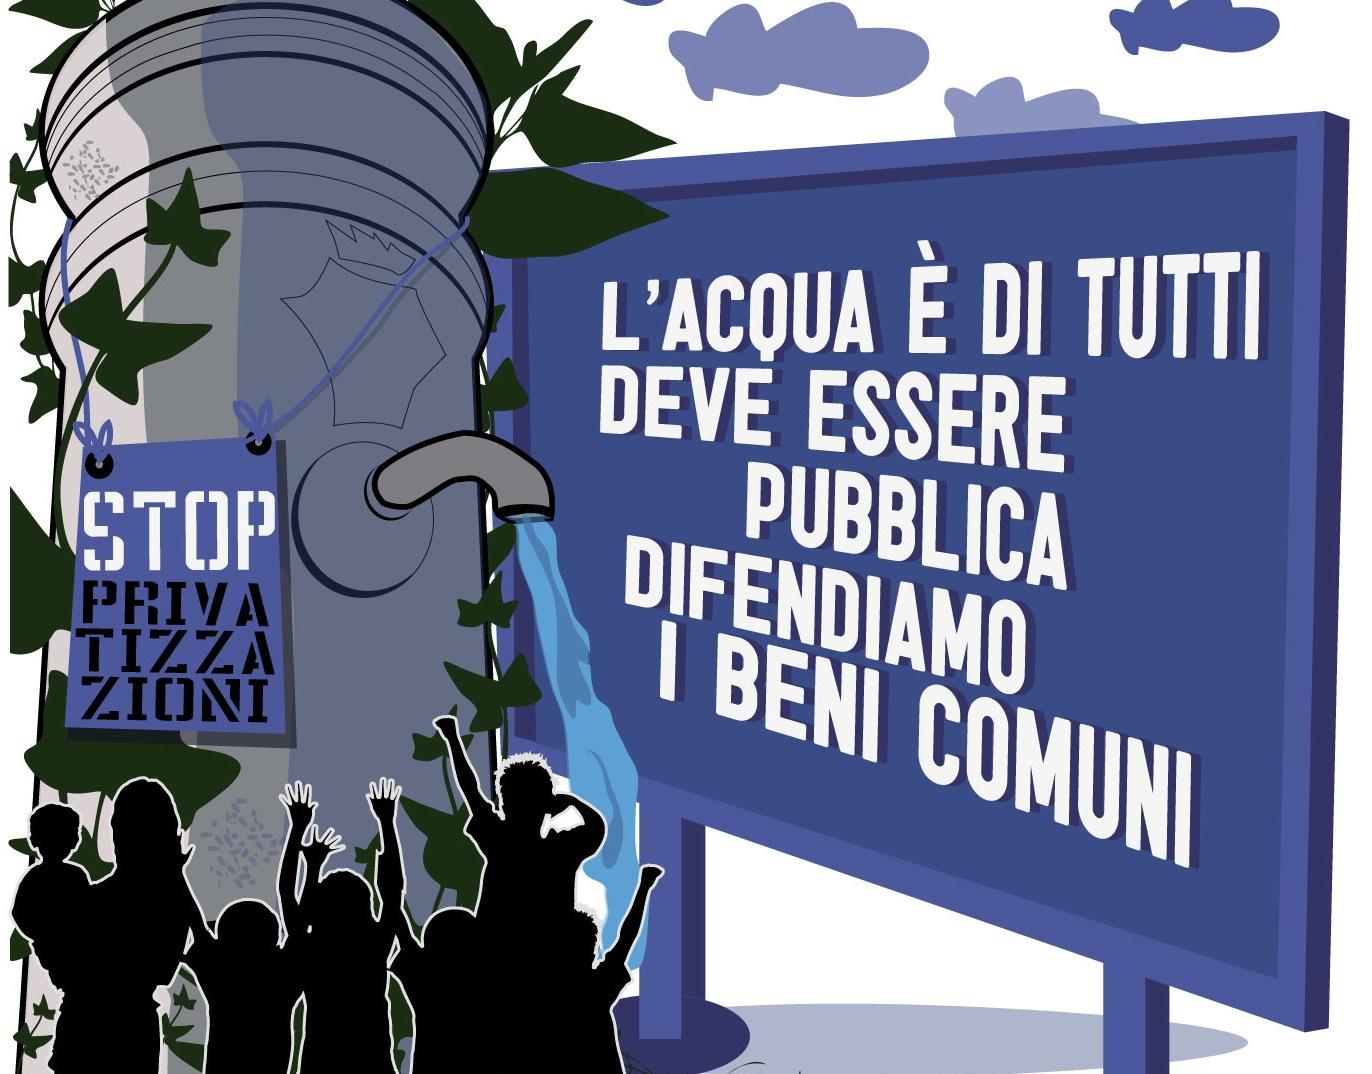 Comitato Acqua Bene Comune Lucca: un appello per il rispetto del referendum